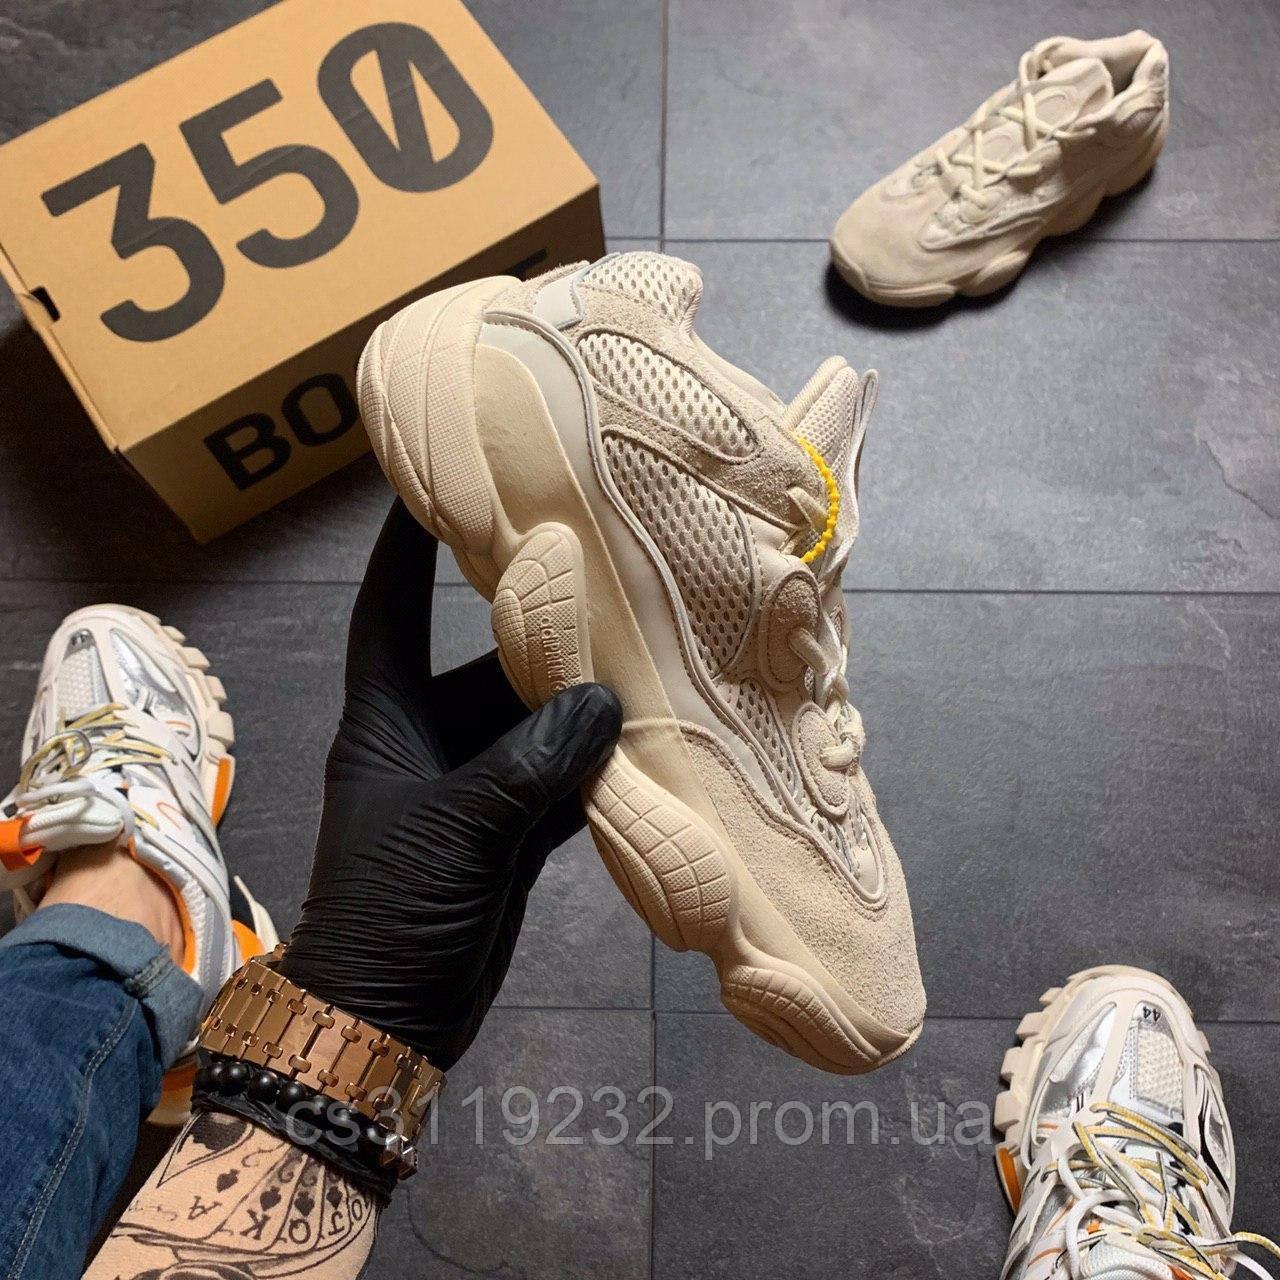 Чоловічі кросівки Adidas Yeezy 500 Blush (бежеві)